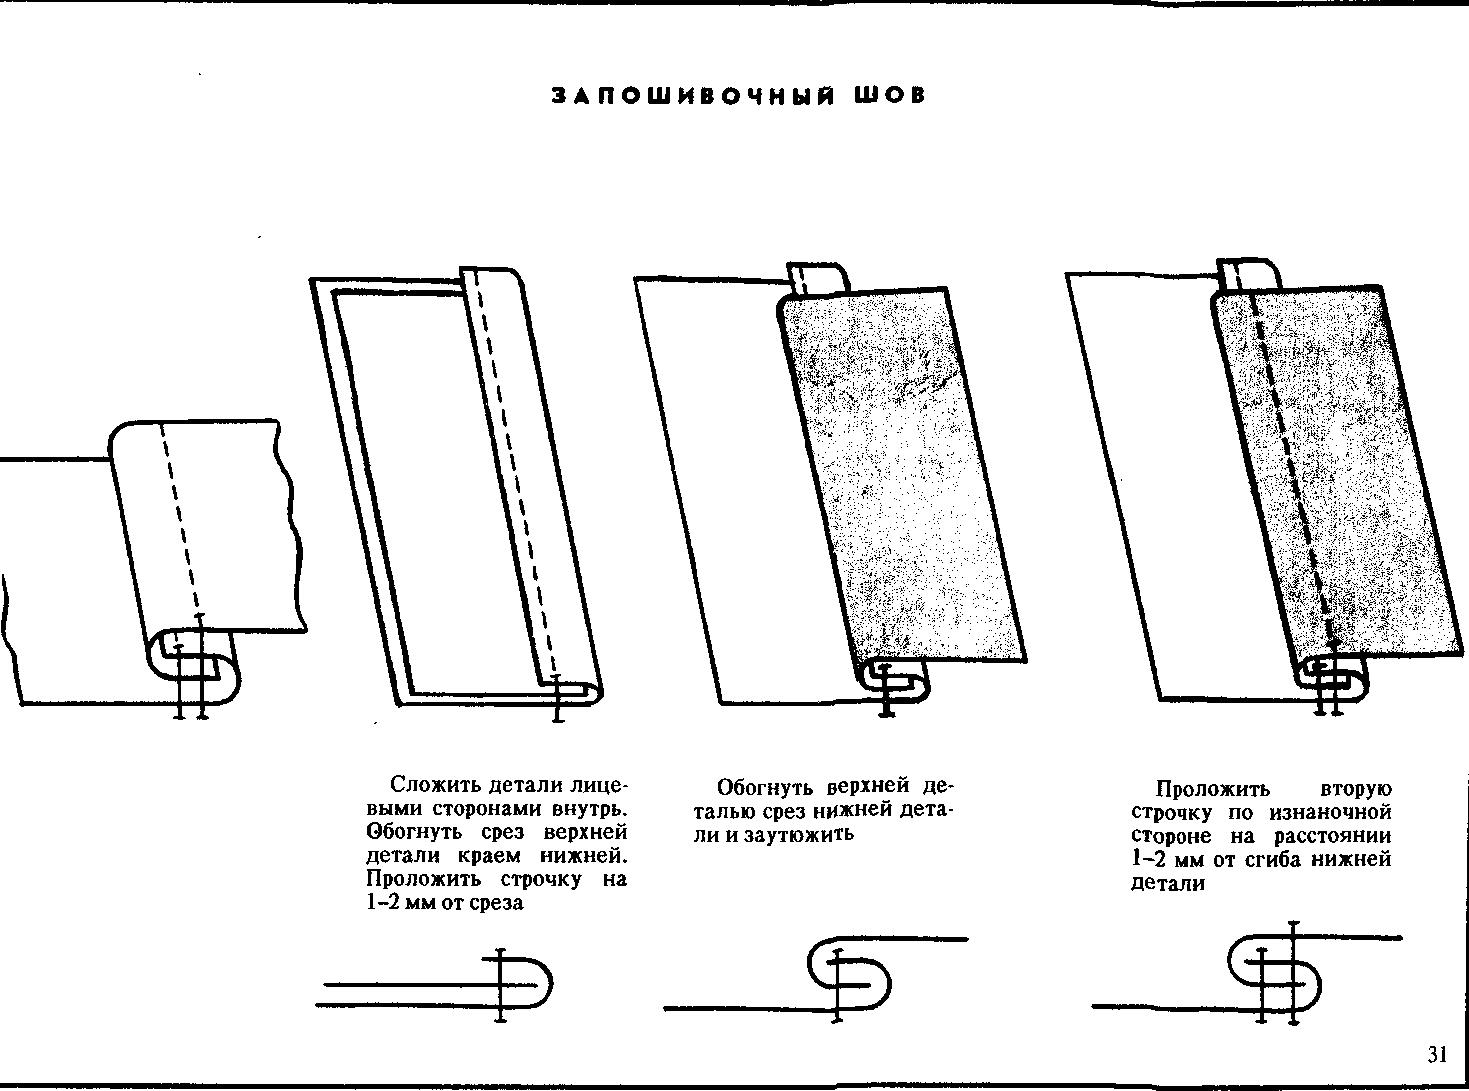 Инструкционная карта двойной шов